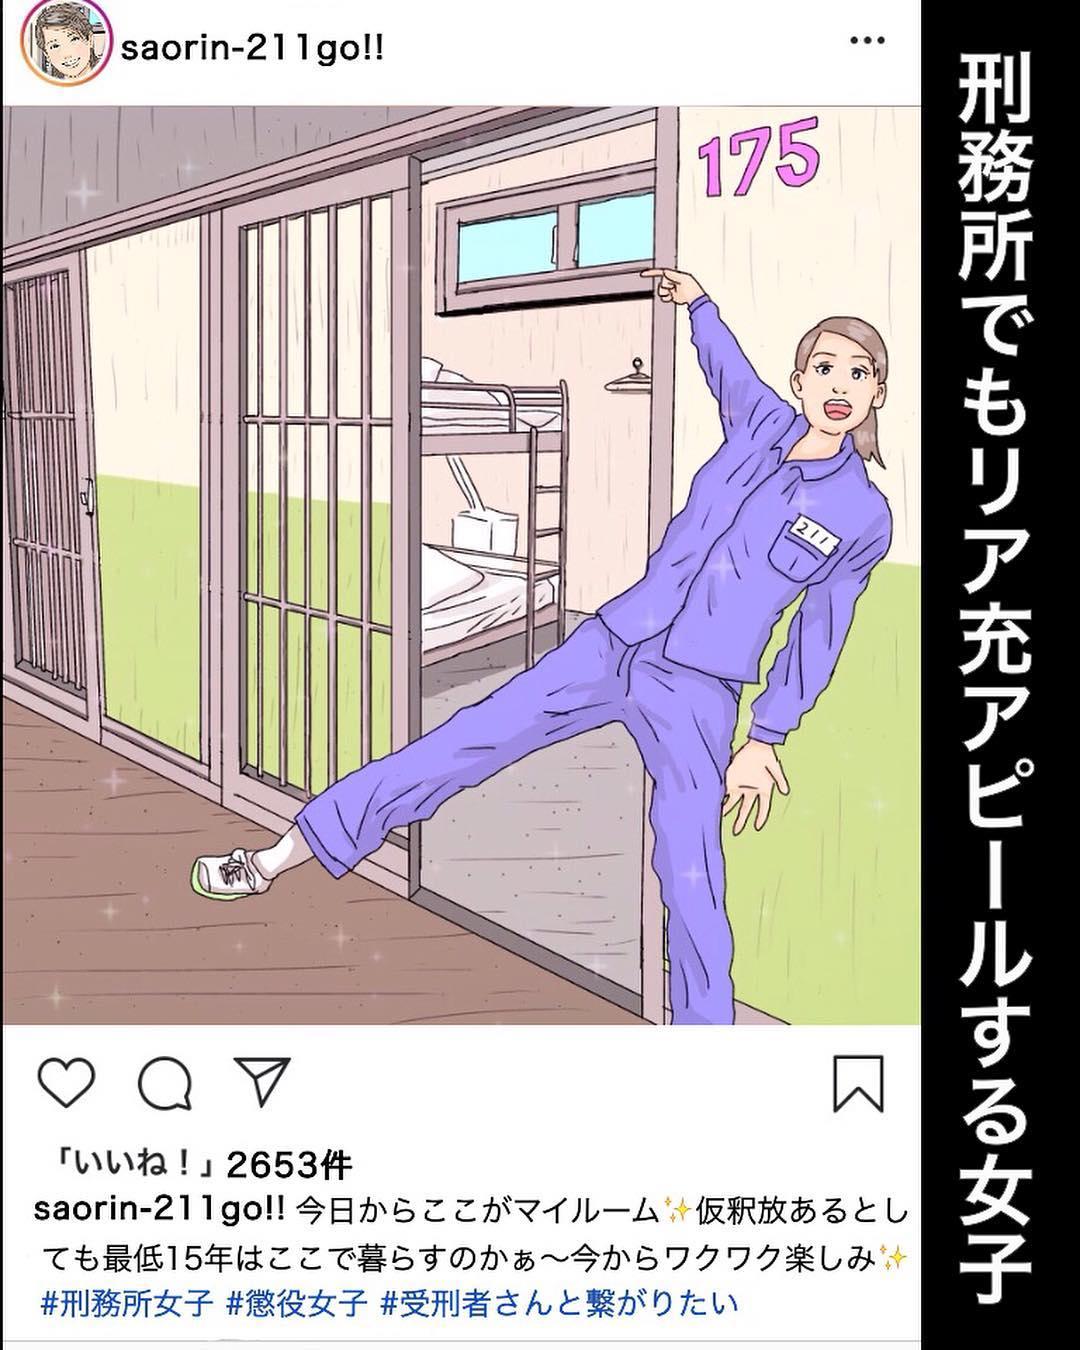 nishijimakousuke_53302444_633698023744425_6123581408386712720_n